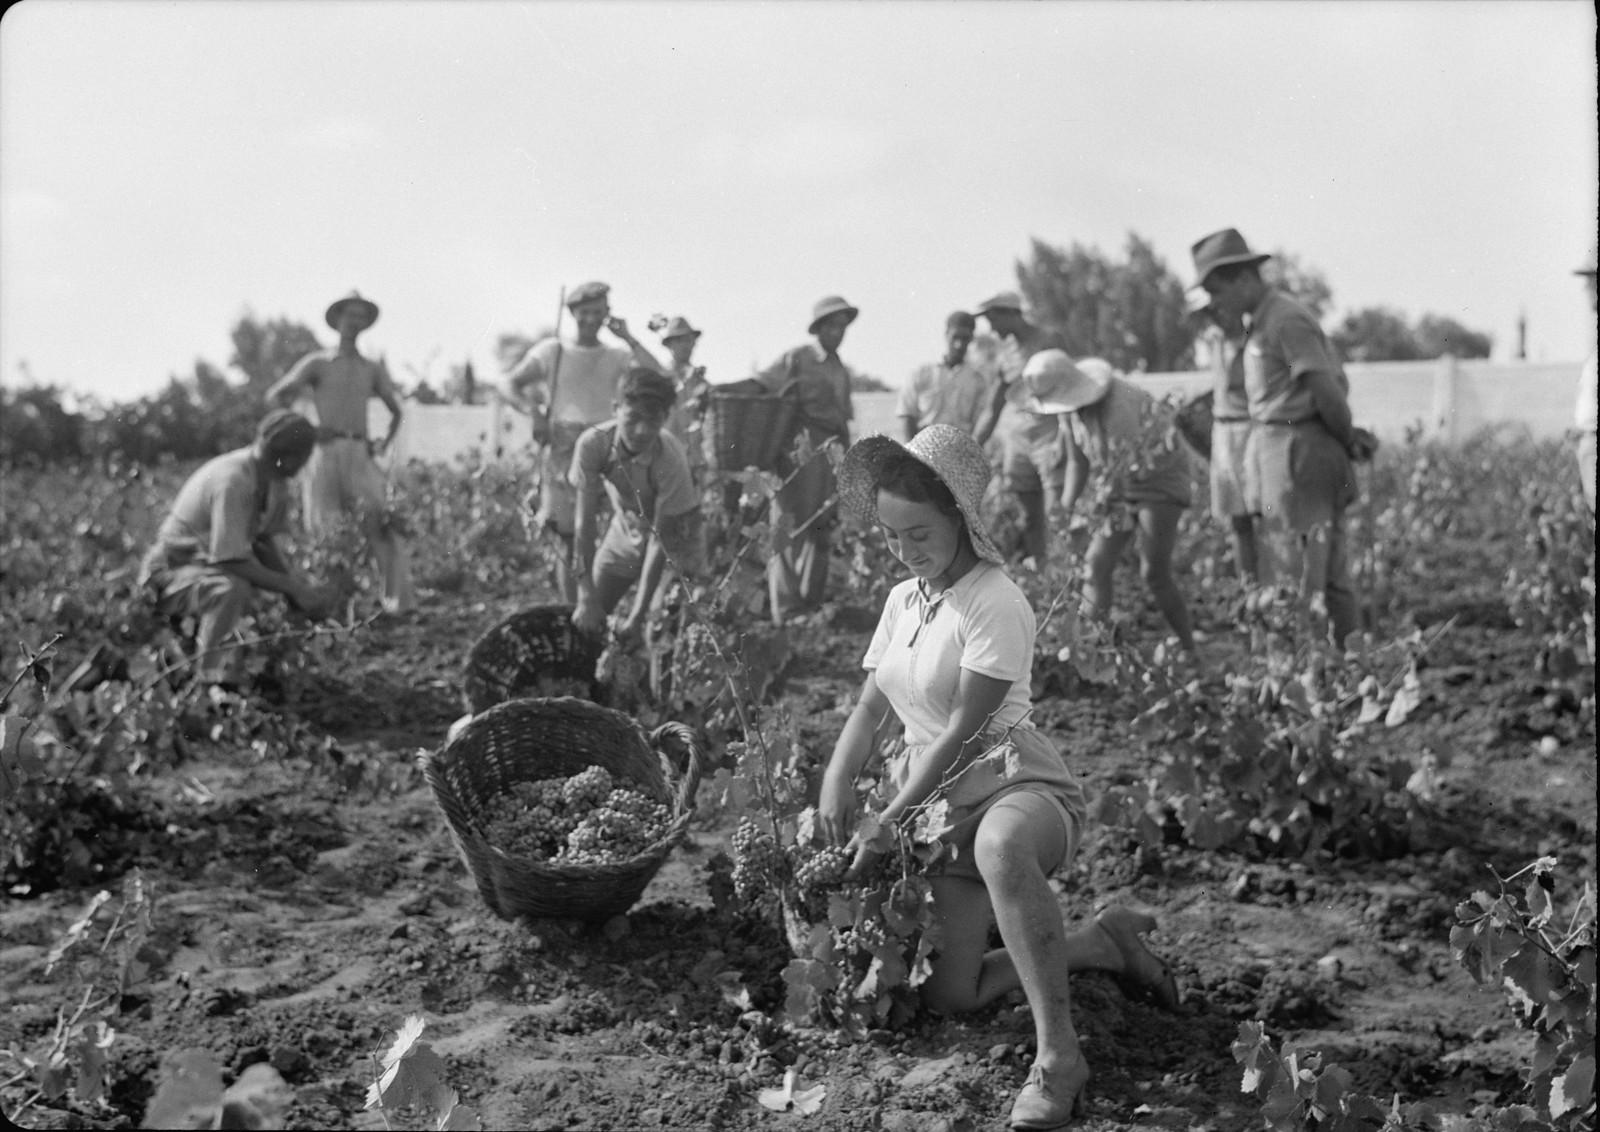 08. Группа сборщиков винограда и военизированная охрана